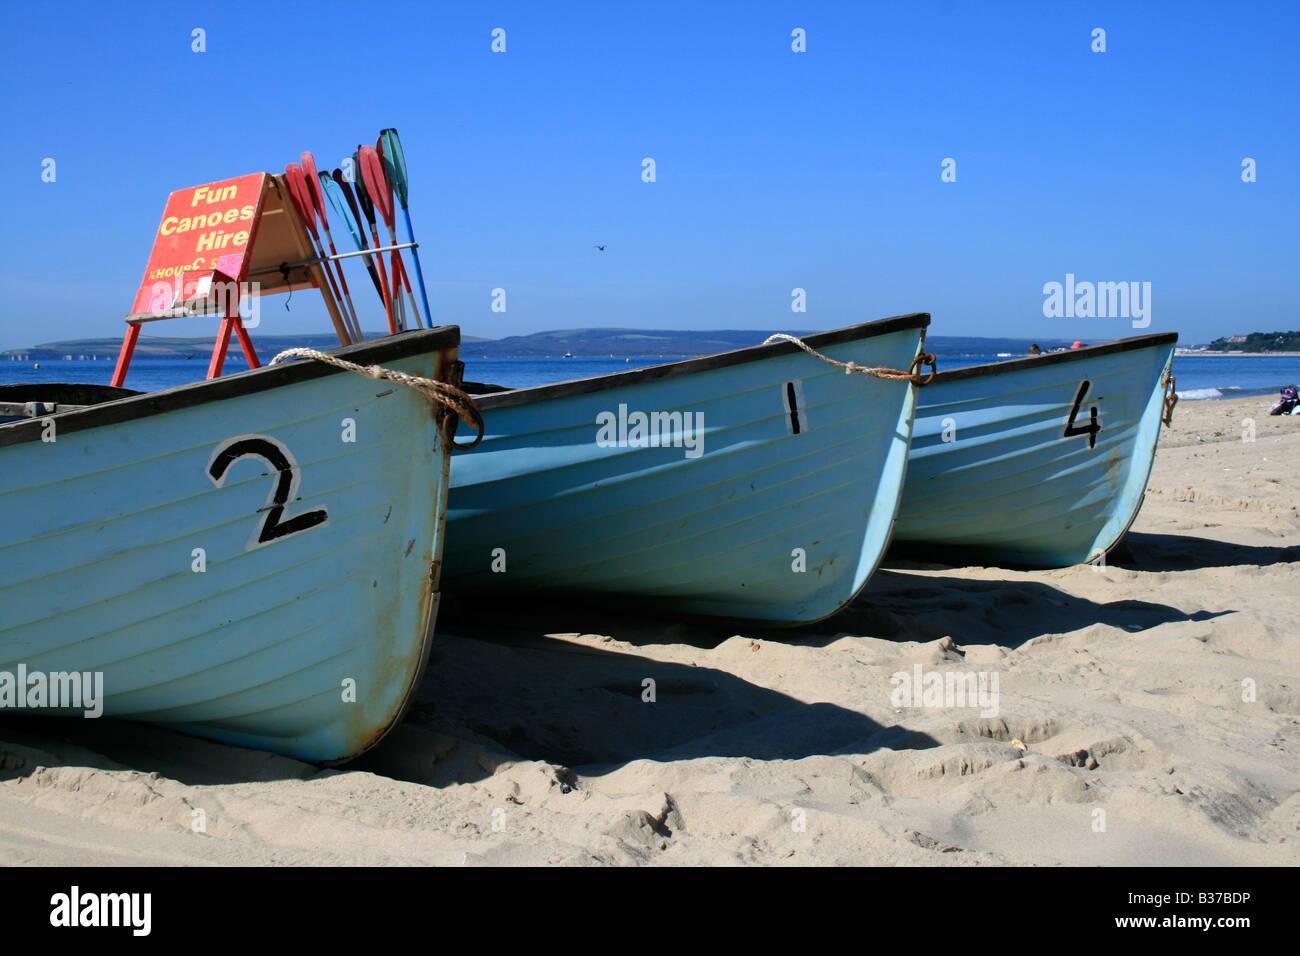 Tre barche di blu. Foto di Kim Craig. Immagini Stock